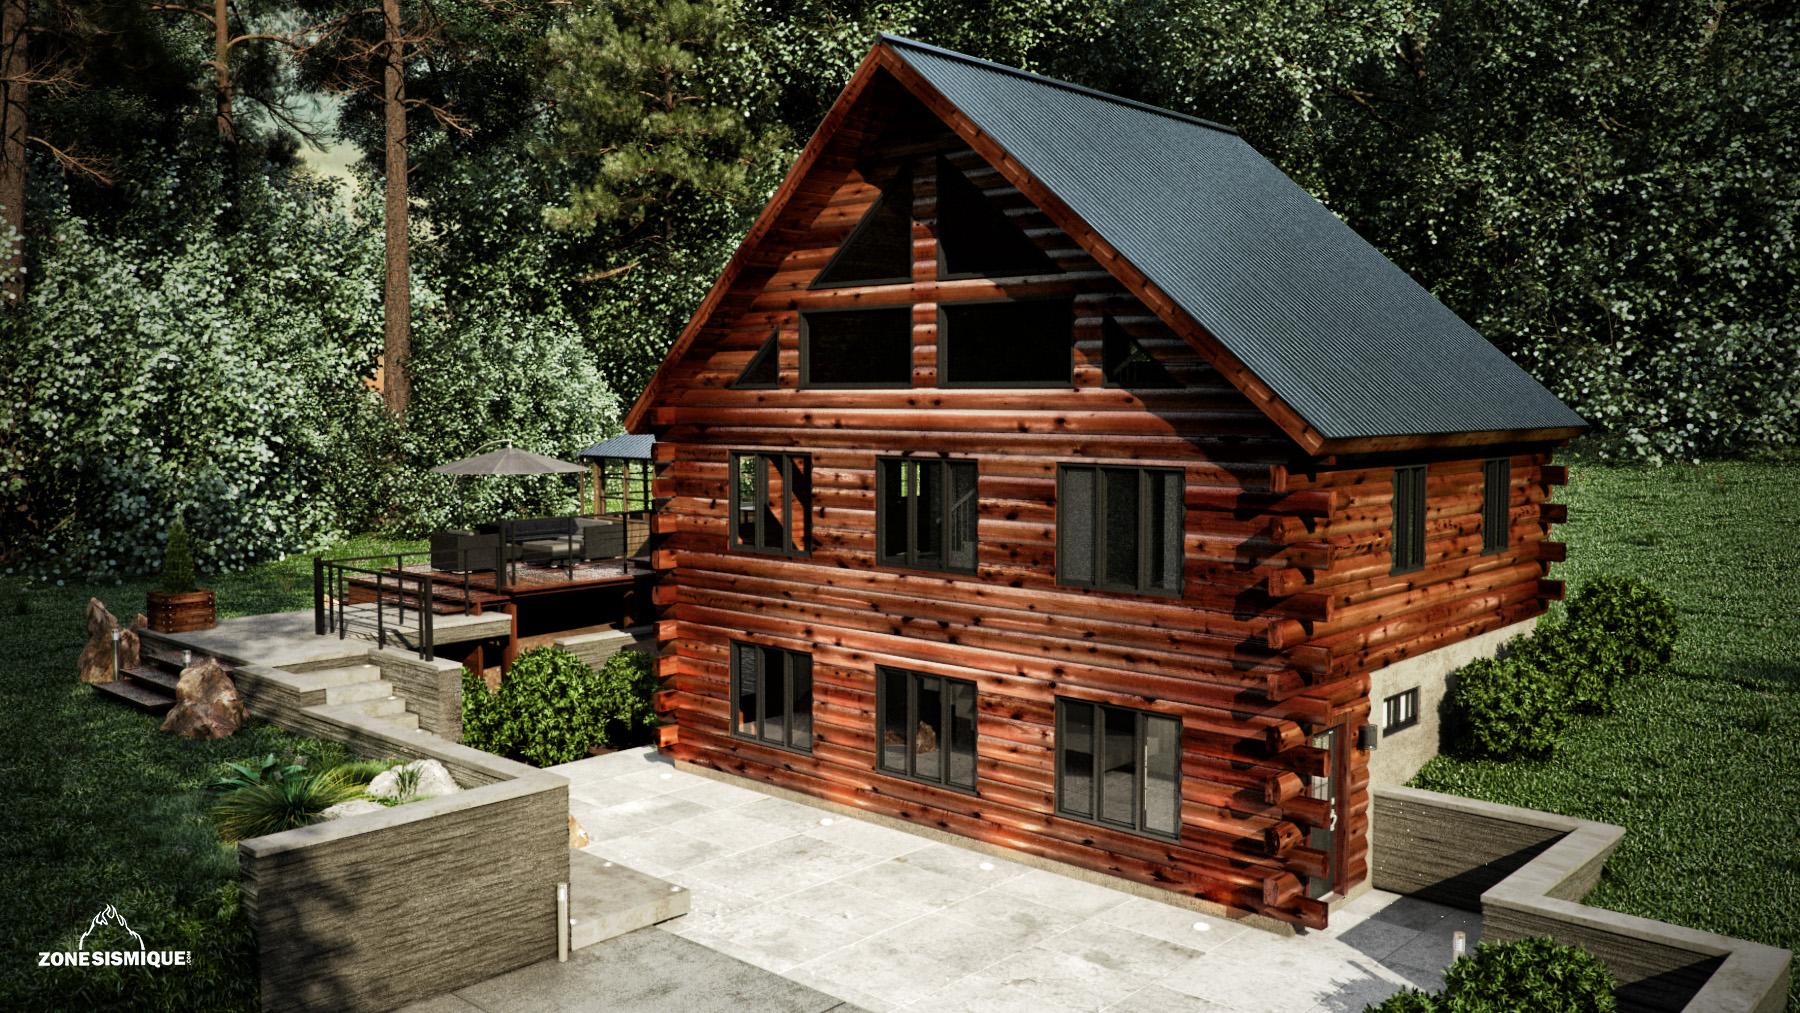 Zone sismique bois hamel chalet exterieur front v2a for Chalet bois design